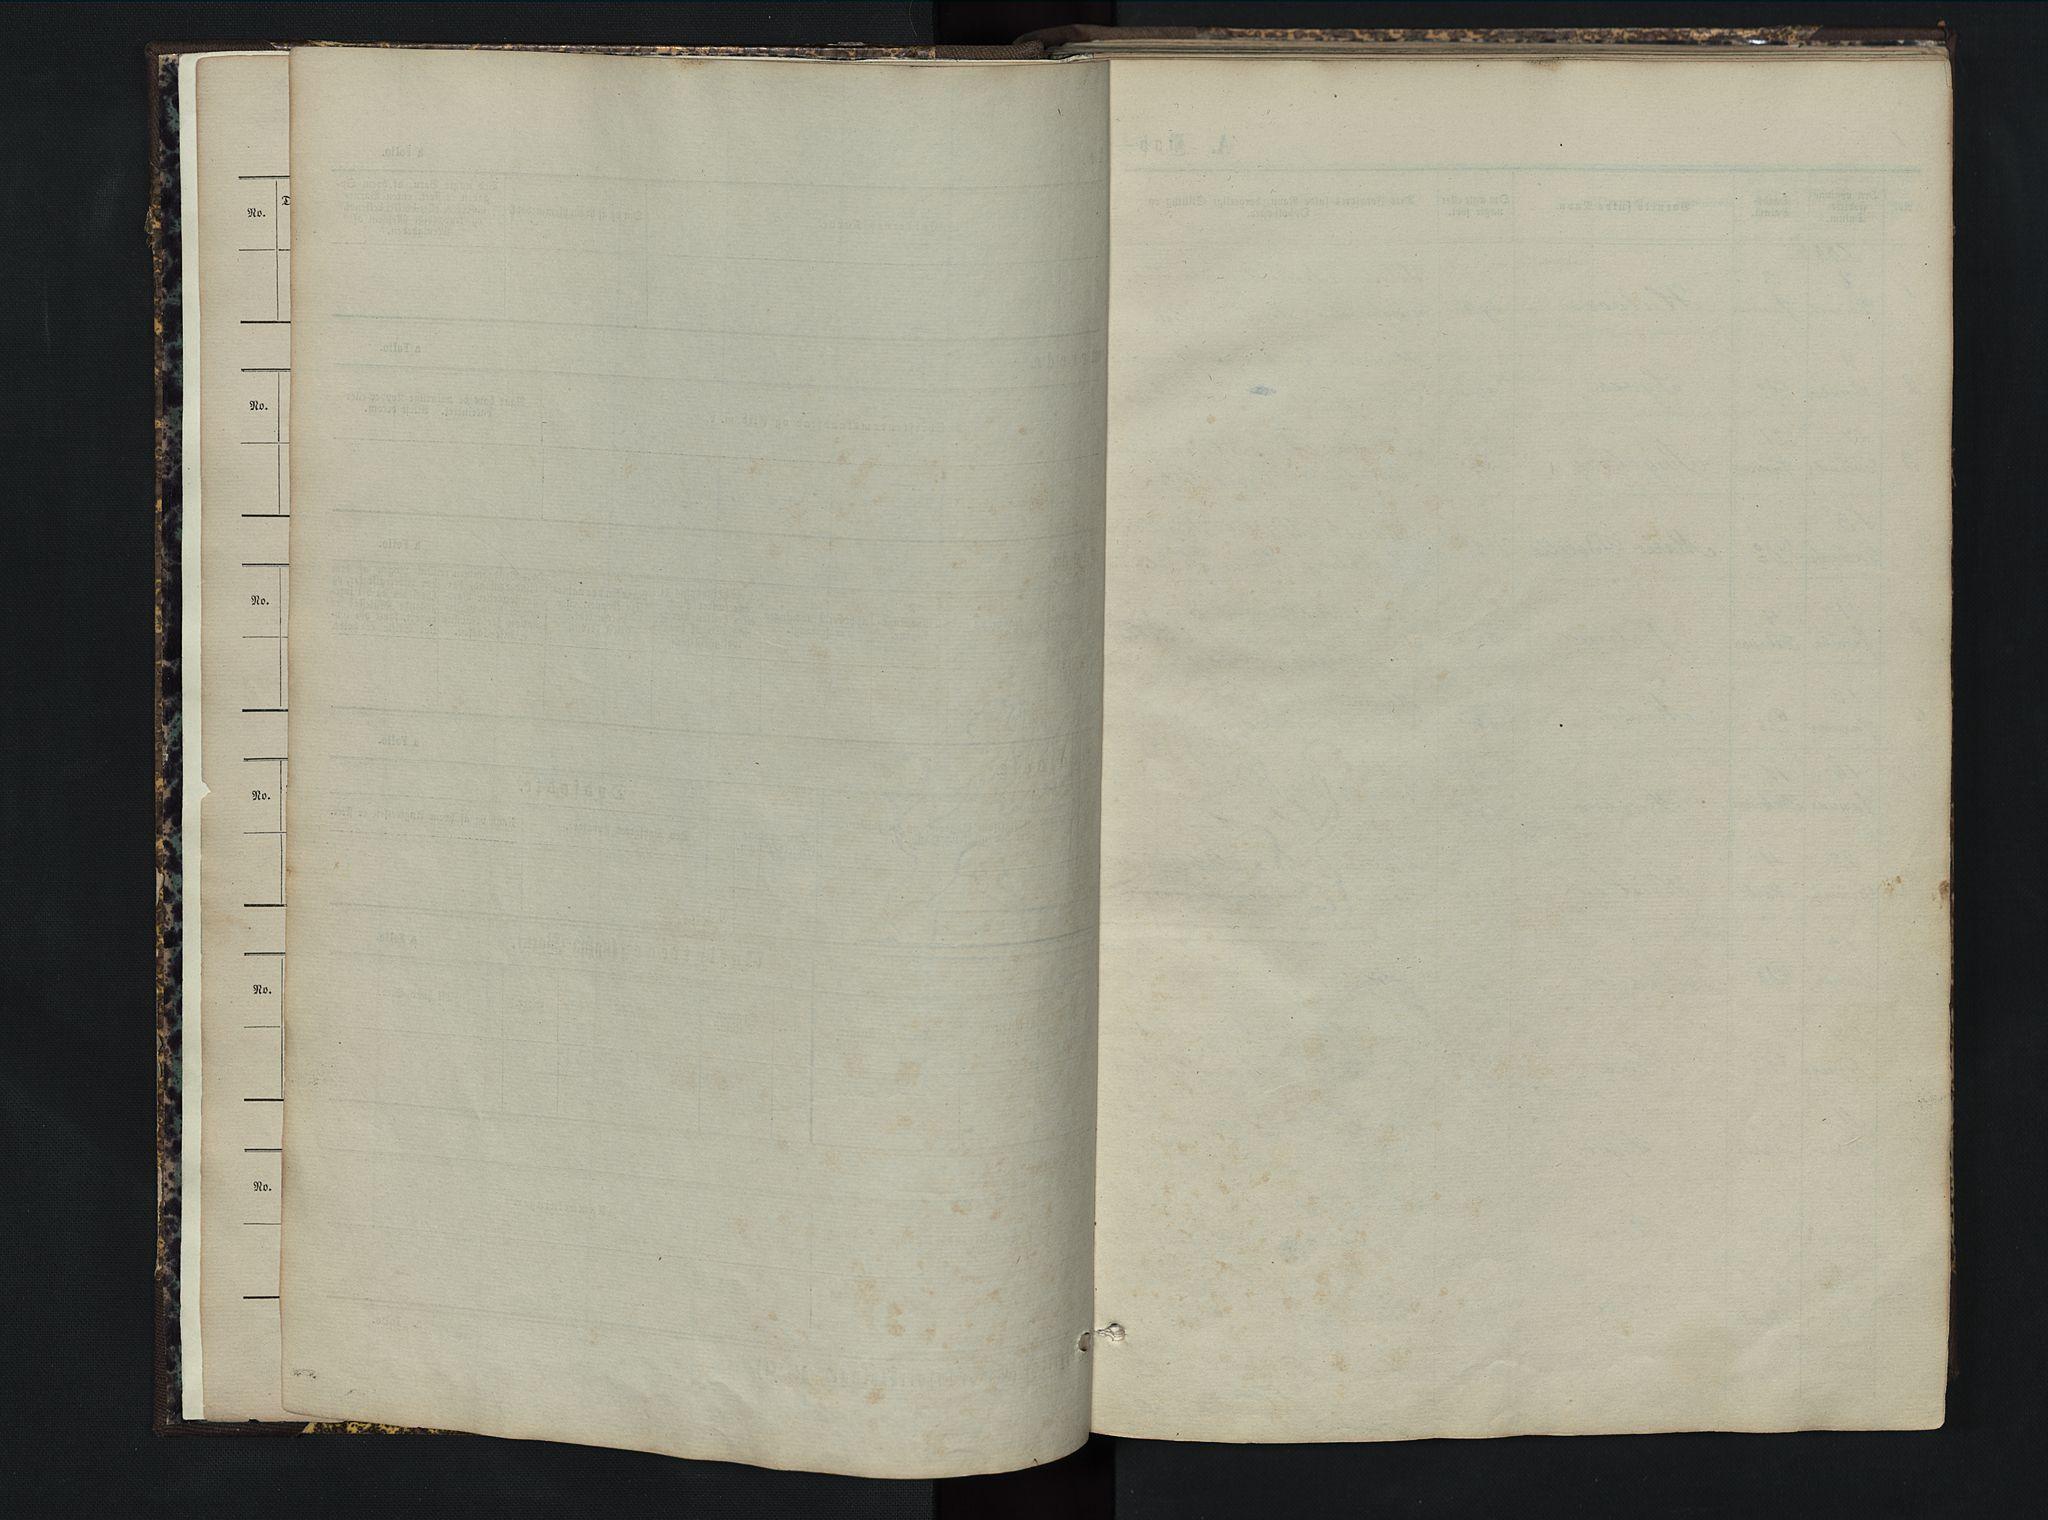 SAH, Sør-Aurdal prestekontor, Klokkerbok nr. 5, 1866-1893